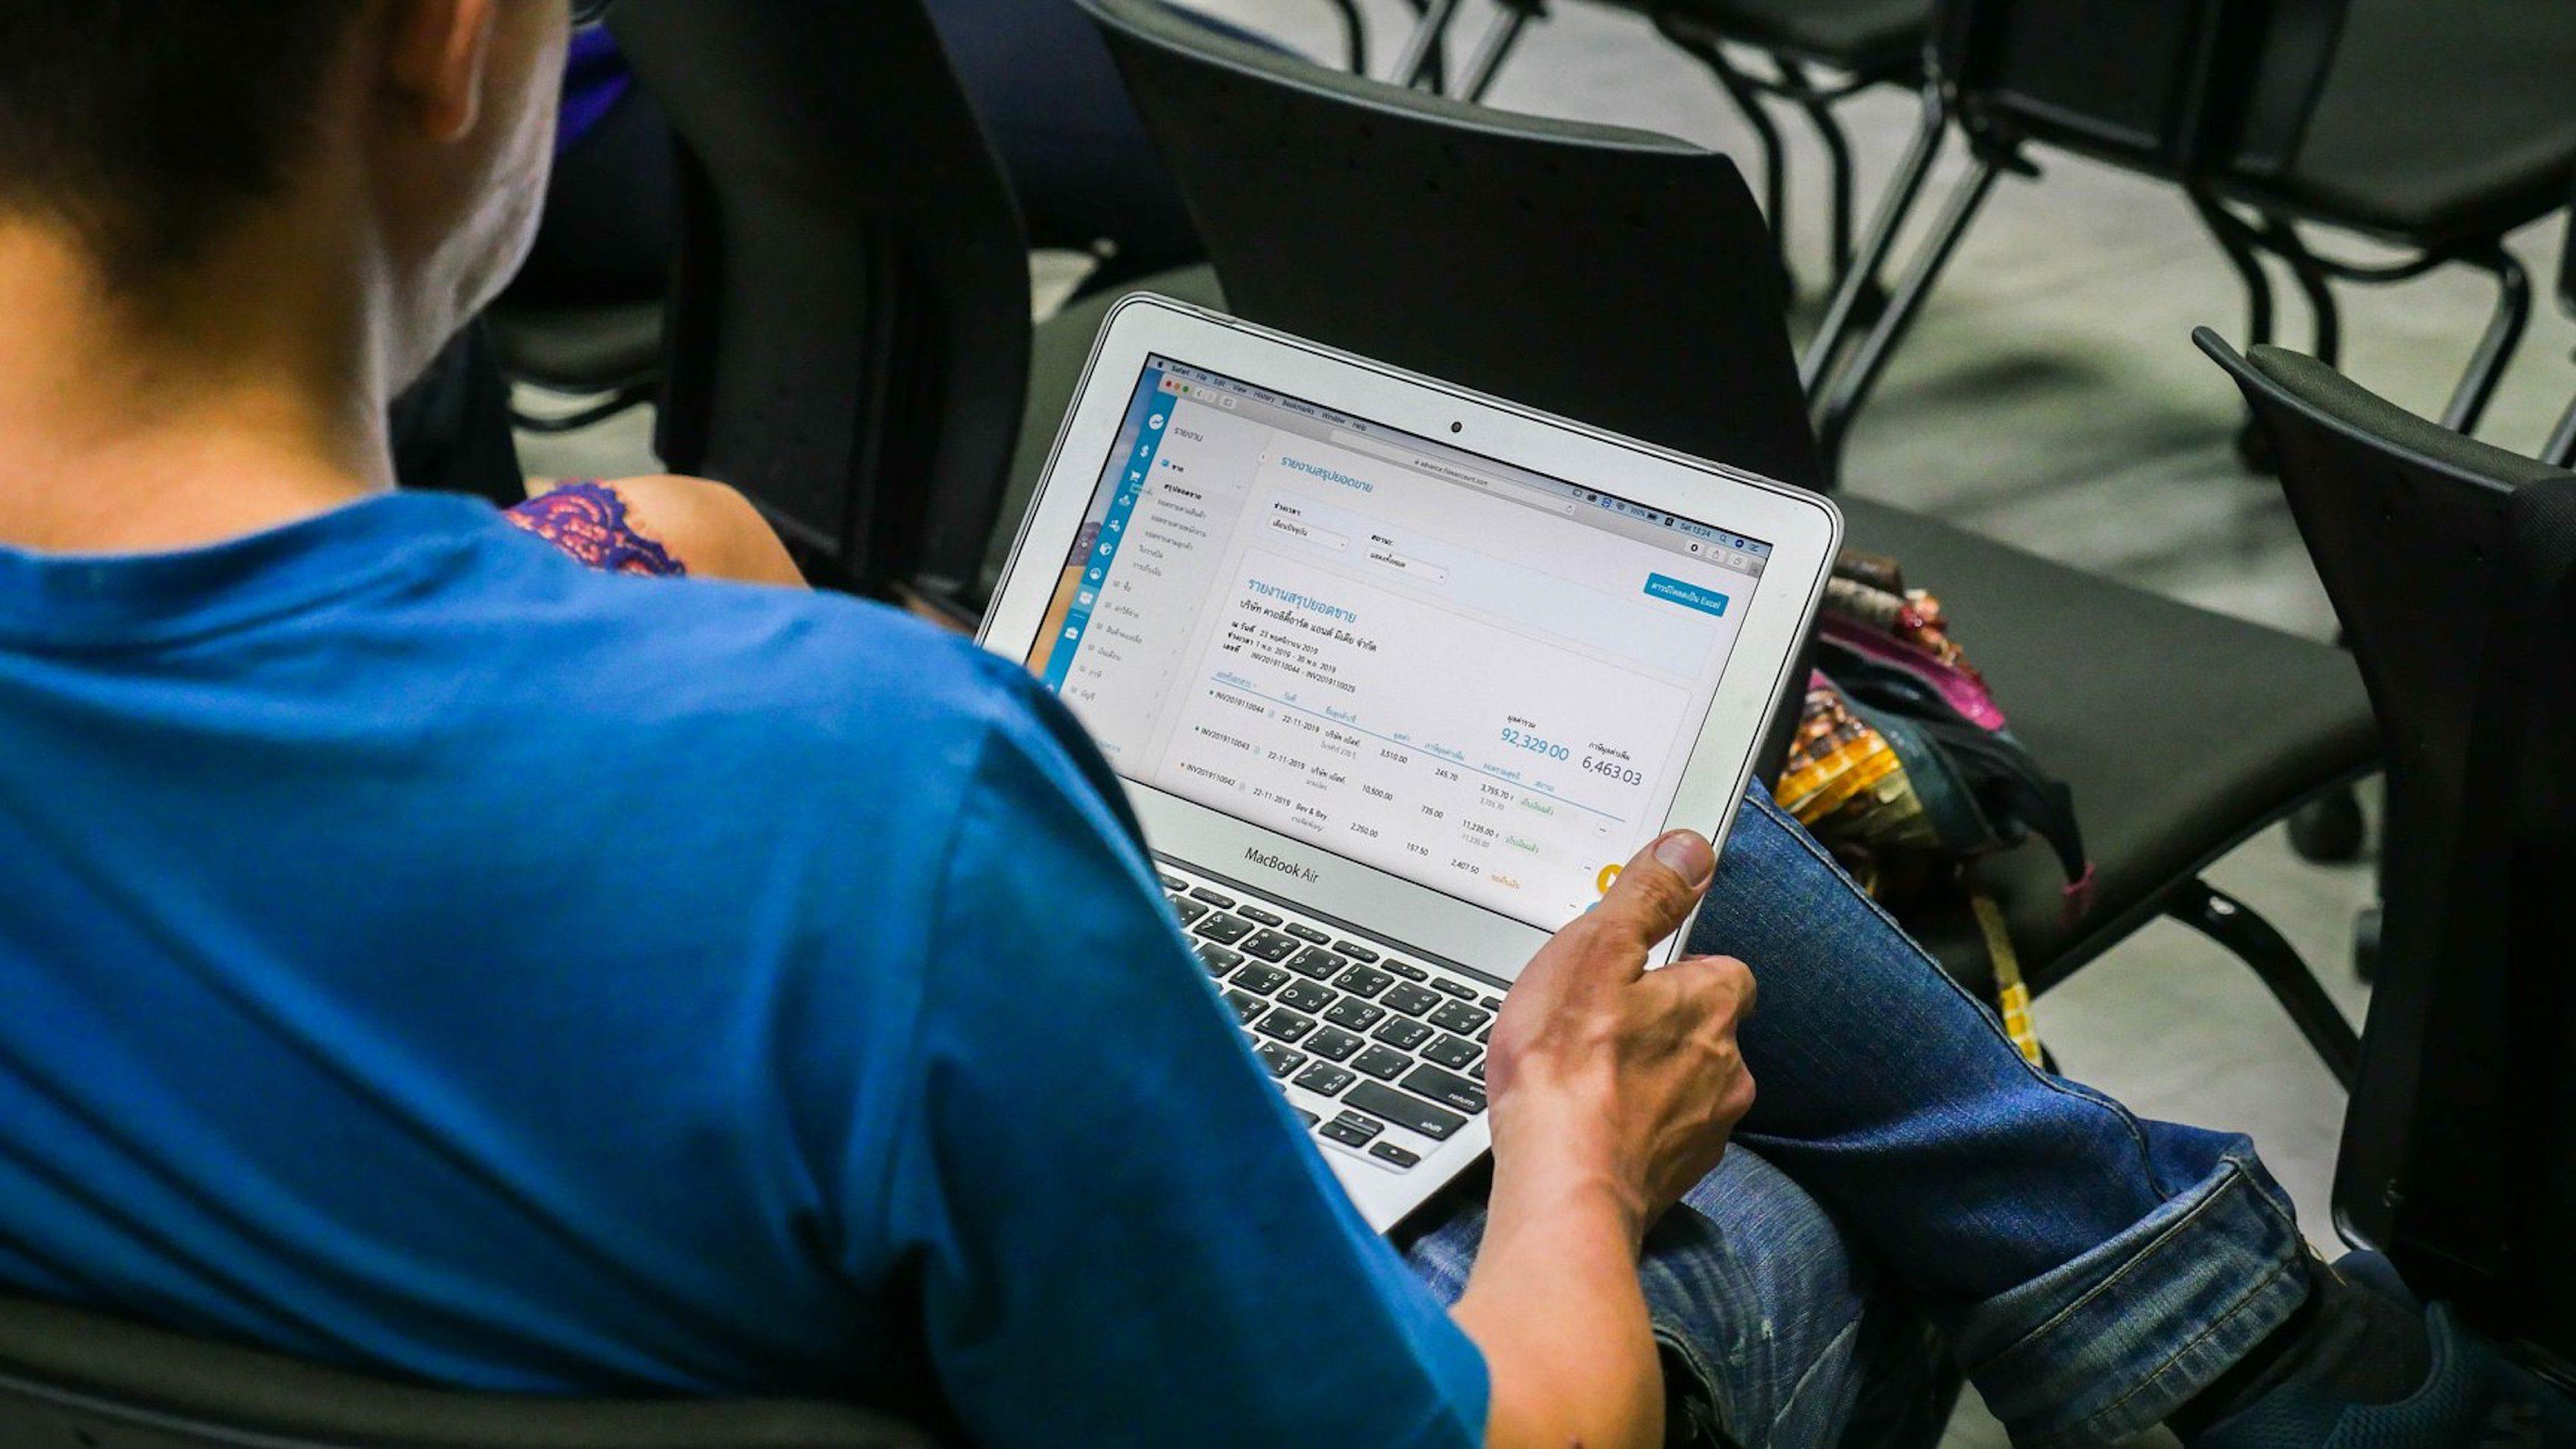 เอ็นไอเอเปิด 5 นวัตกรรมเจ๋ง เพื่อคน 'เวิร์คฟรอมโฮม'